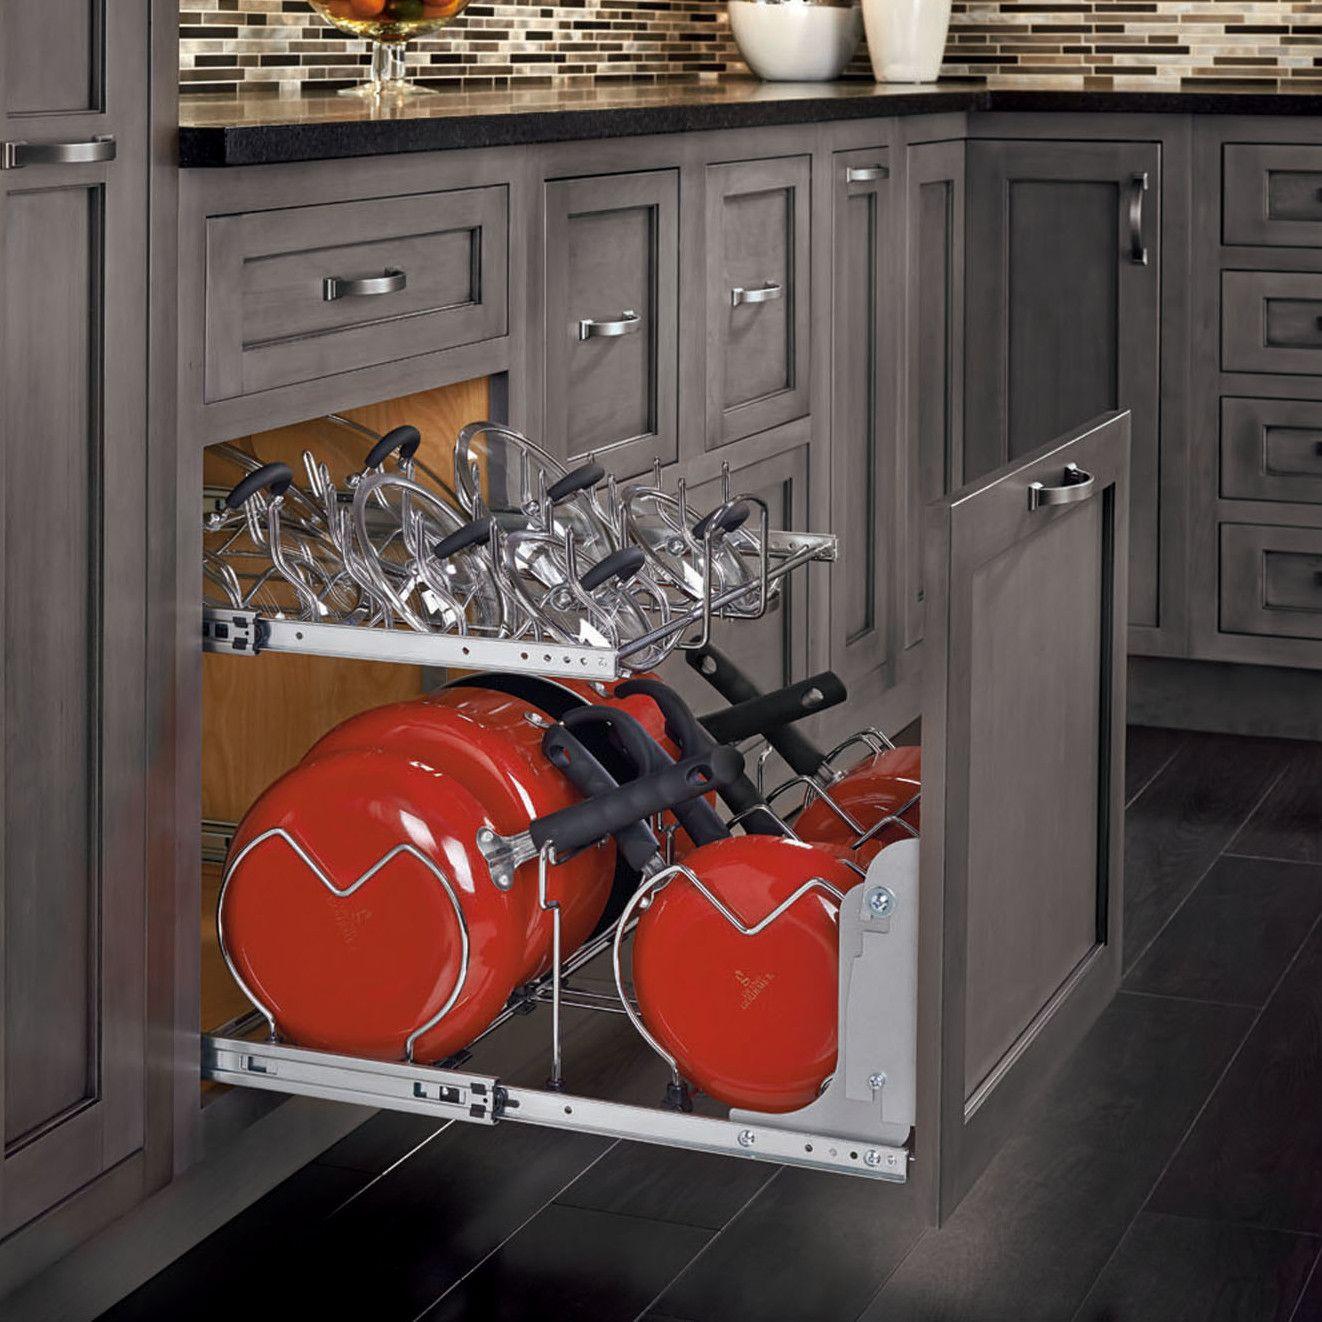 2 Tier Pull Out Kitchenware Divider Espaço De Armazenamento Da Cozinha Organização Da Cozinha Arrumação Na Cozinha